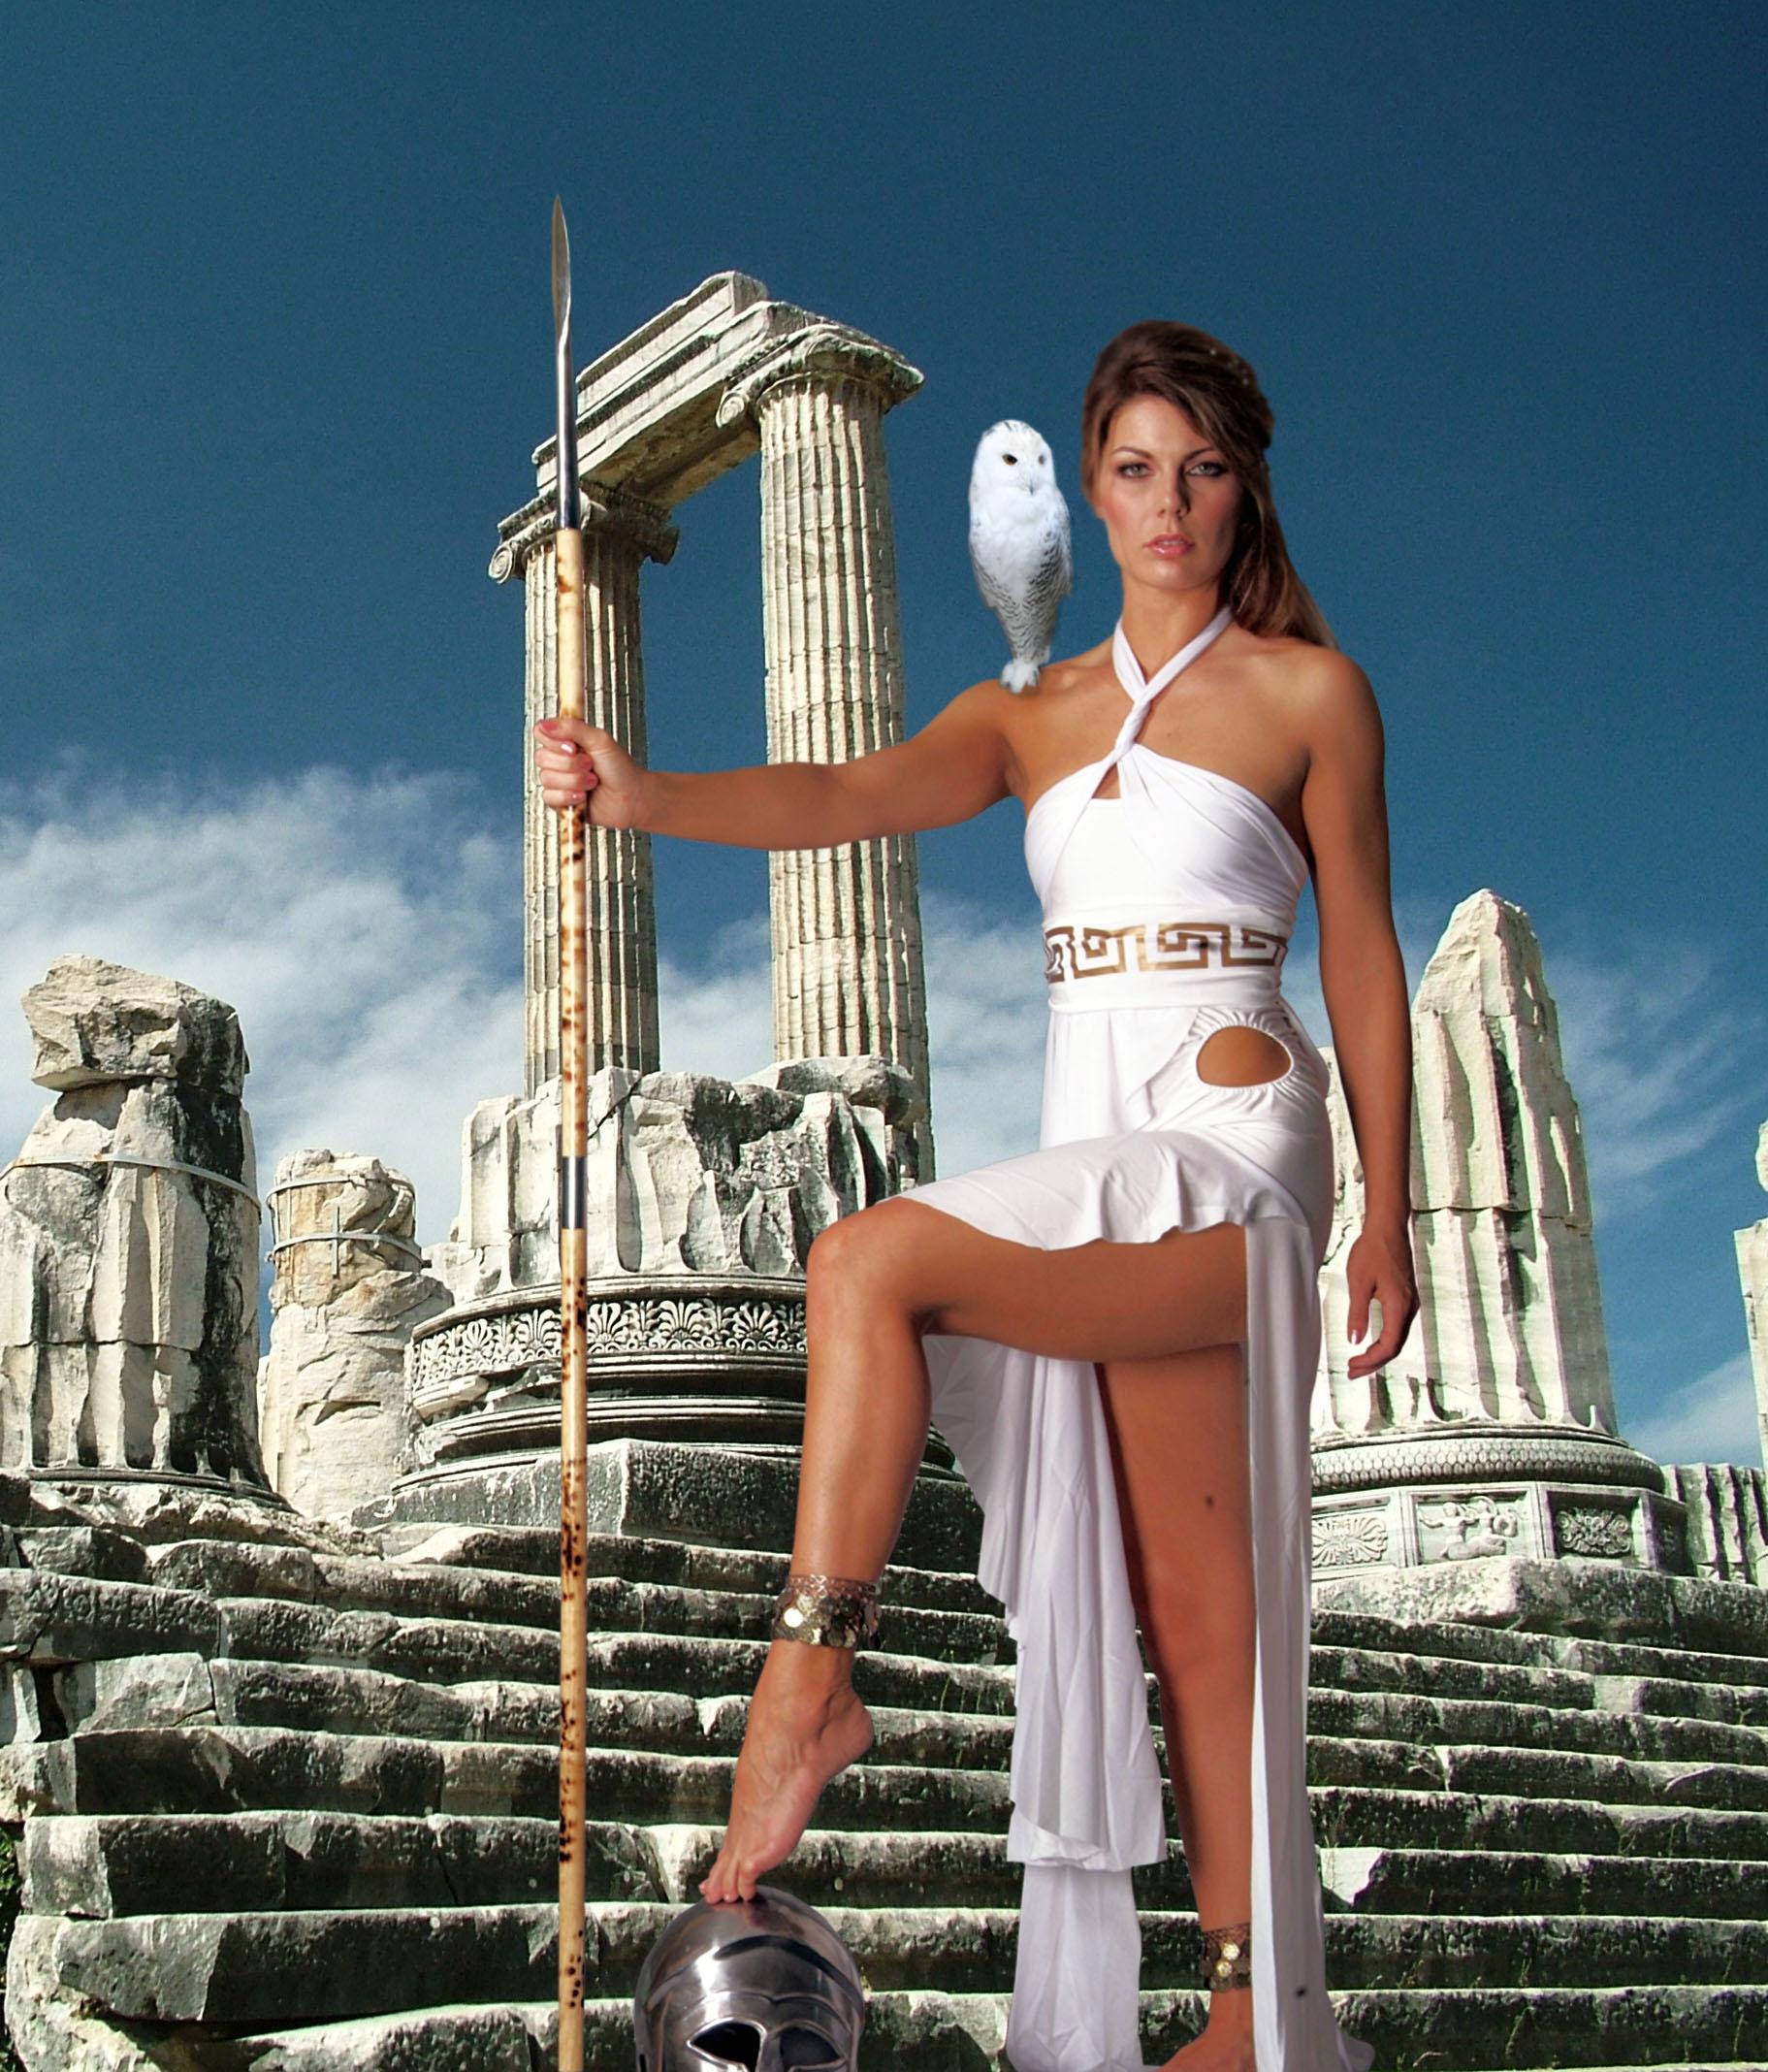 Секс символ греции 2 фотография